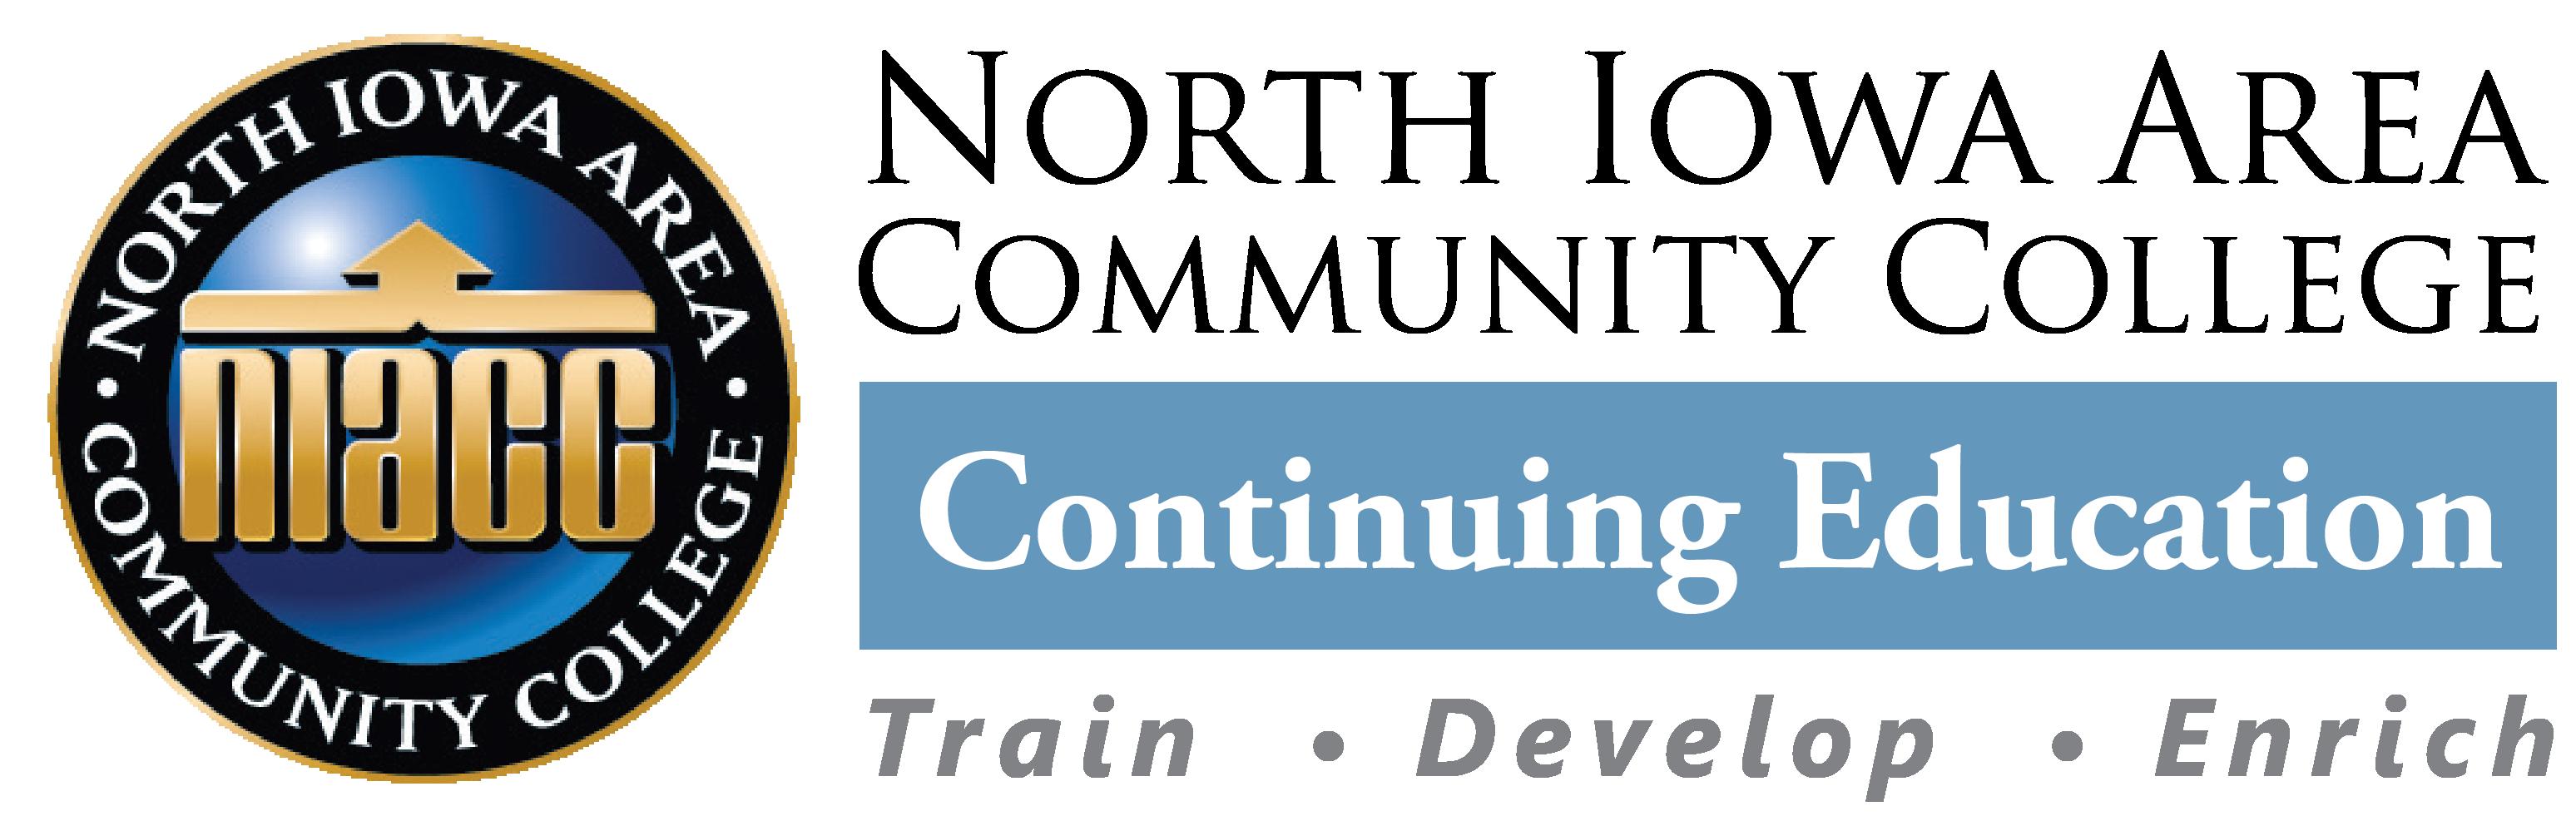 Shrm Certification Prep Course North Iowa Area Community College